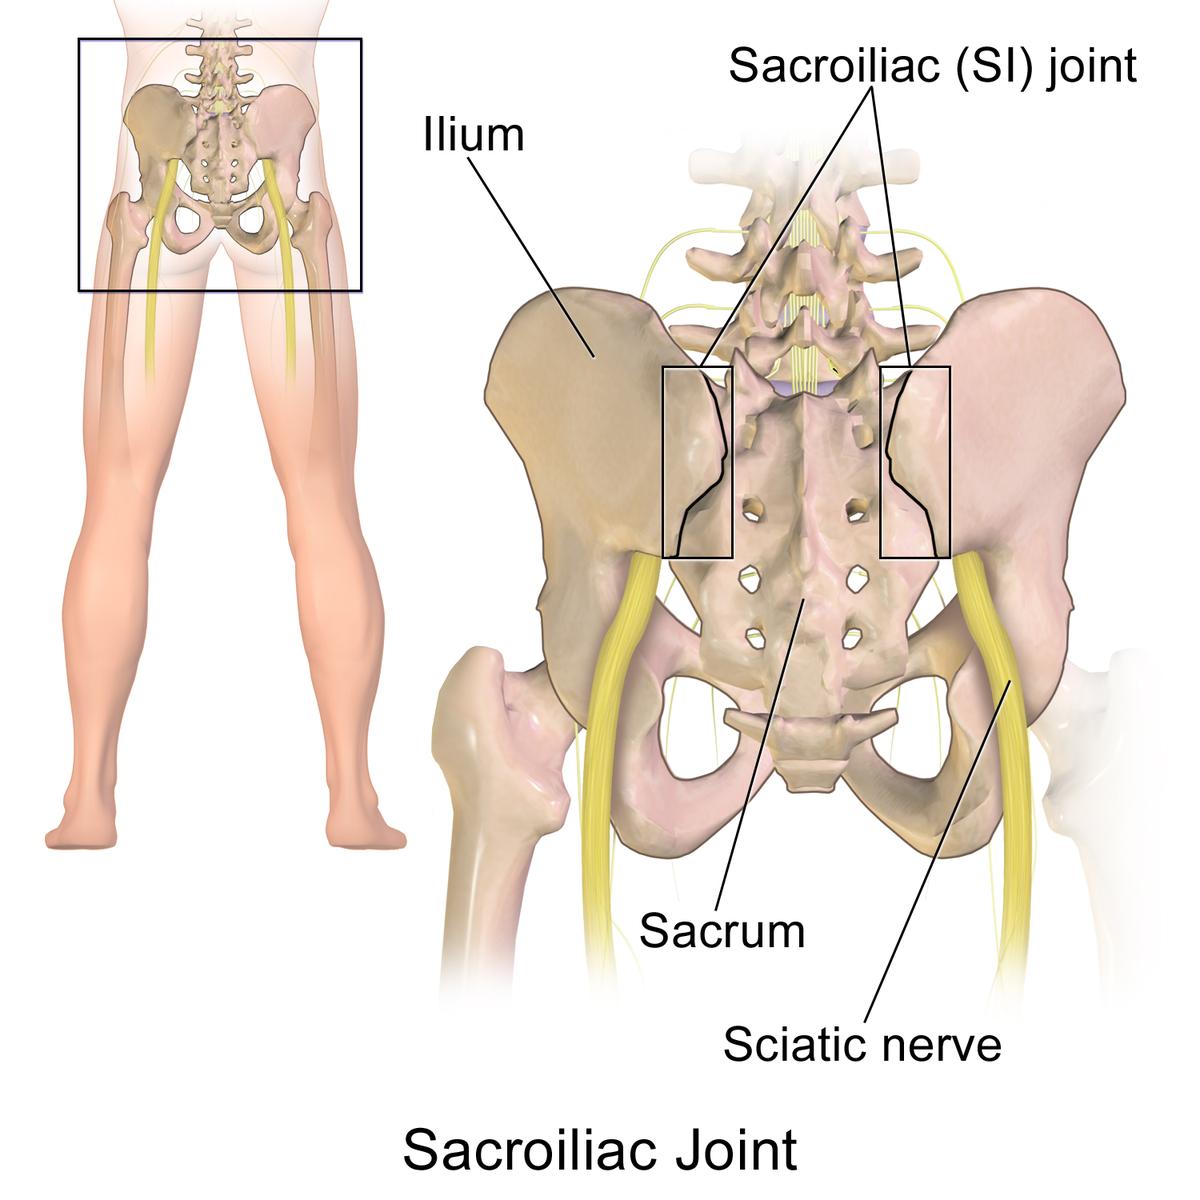 durere articulară sac iliacă